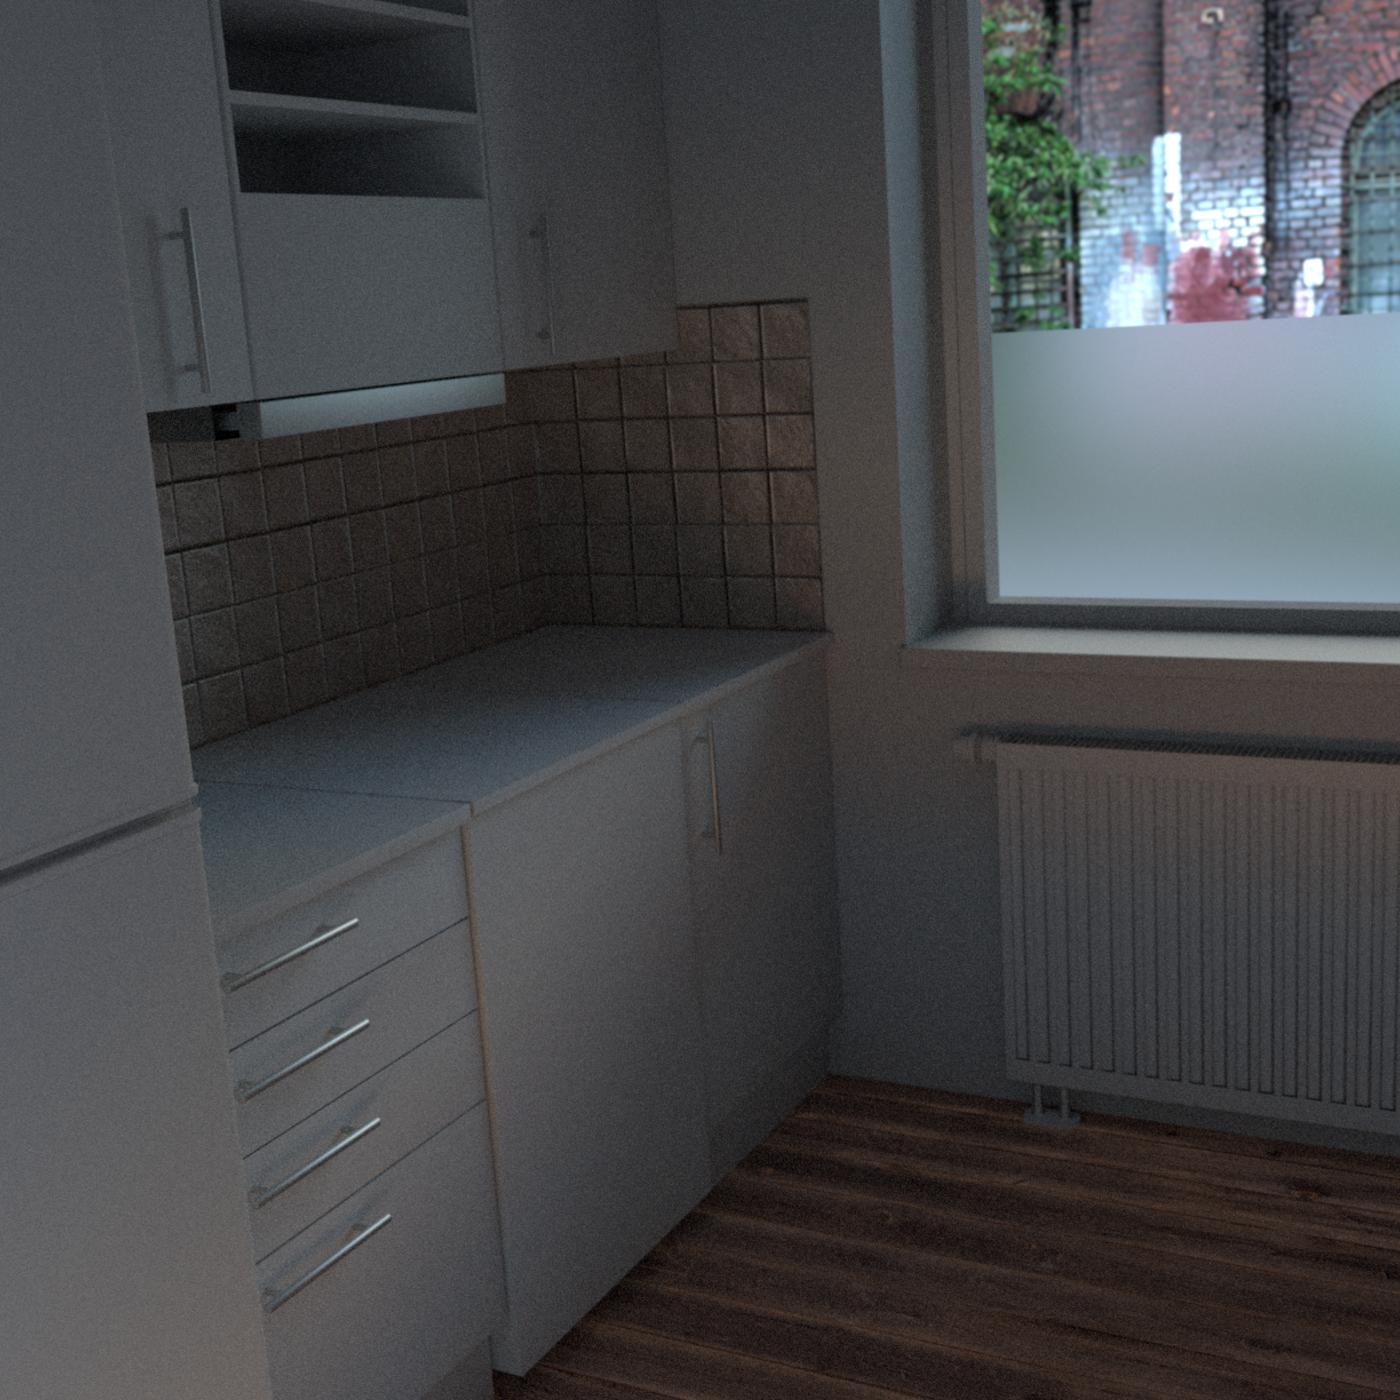 Small kitchen - progress renders